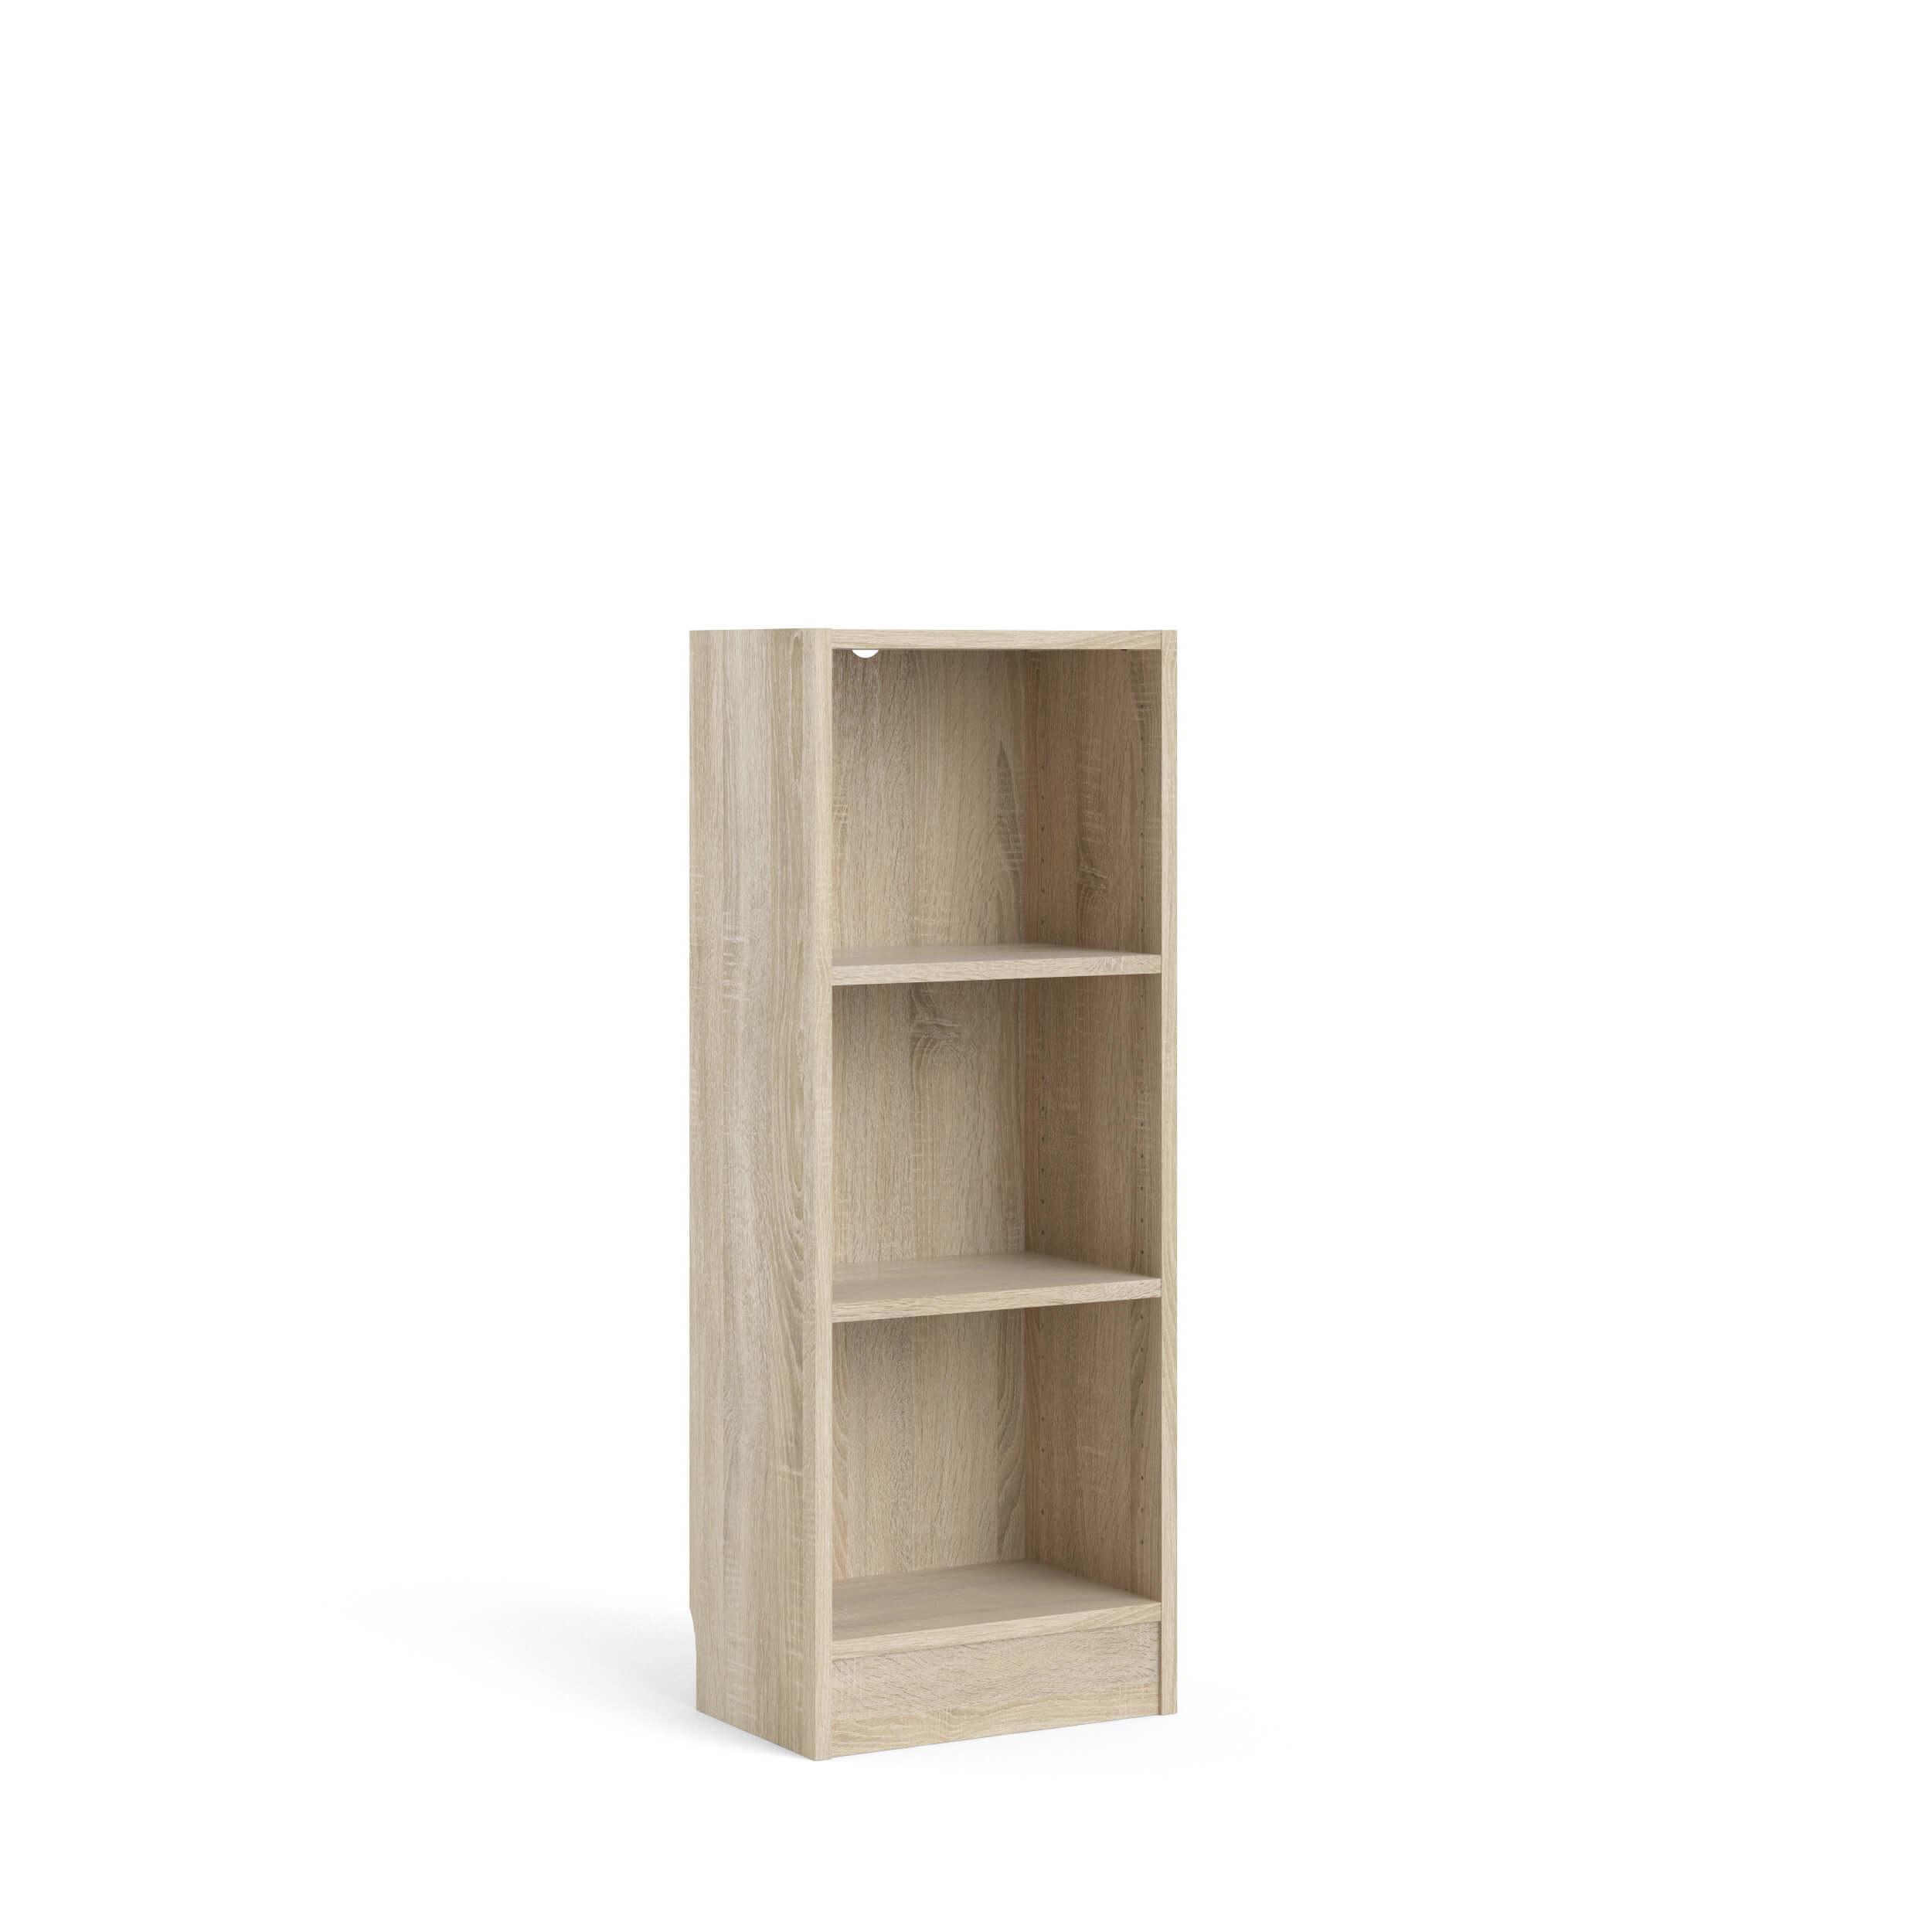 Basic bogkasse - egetræsstruktur, m. 2 hylder